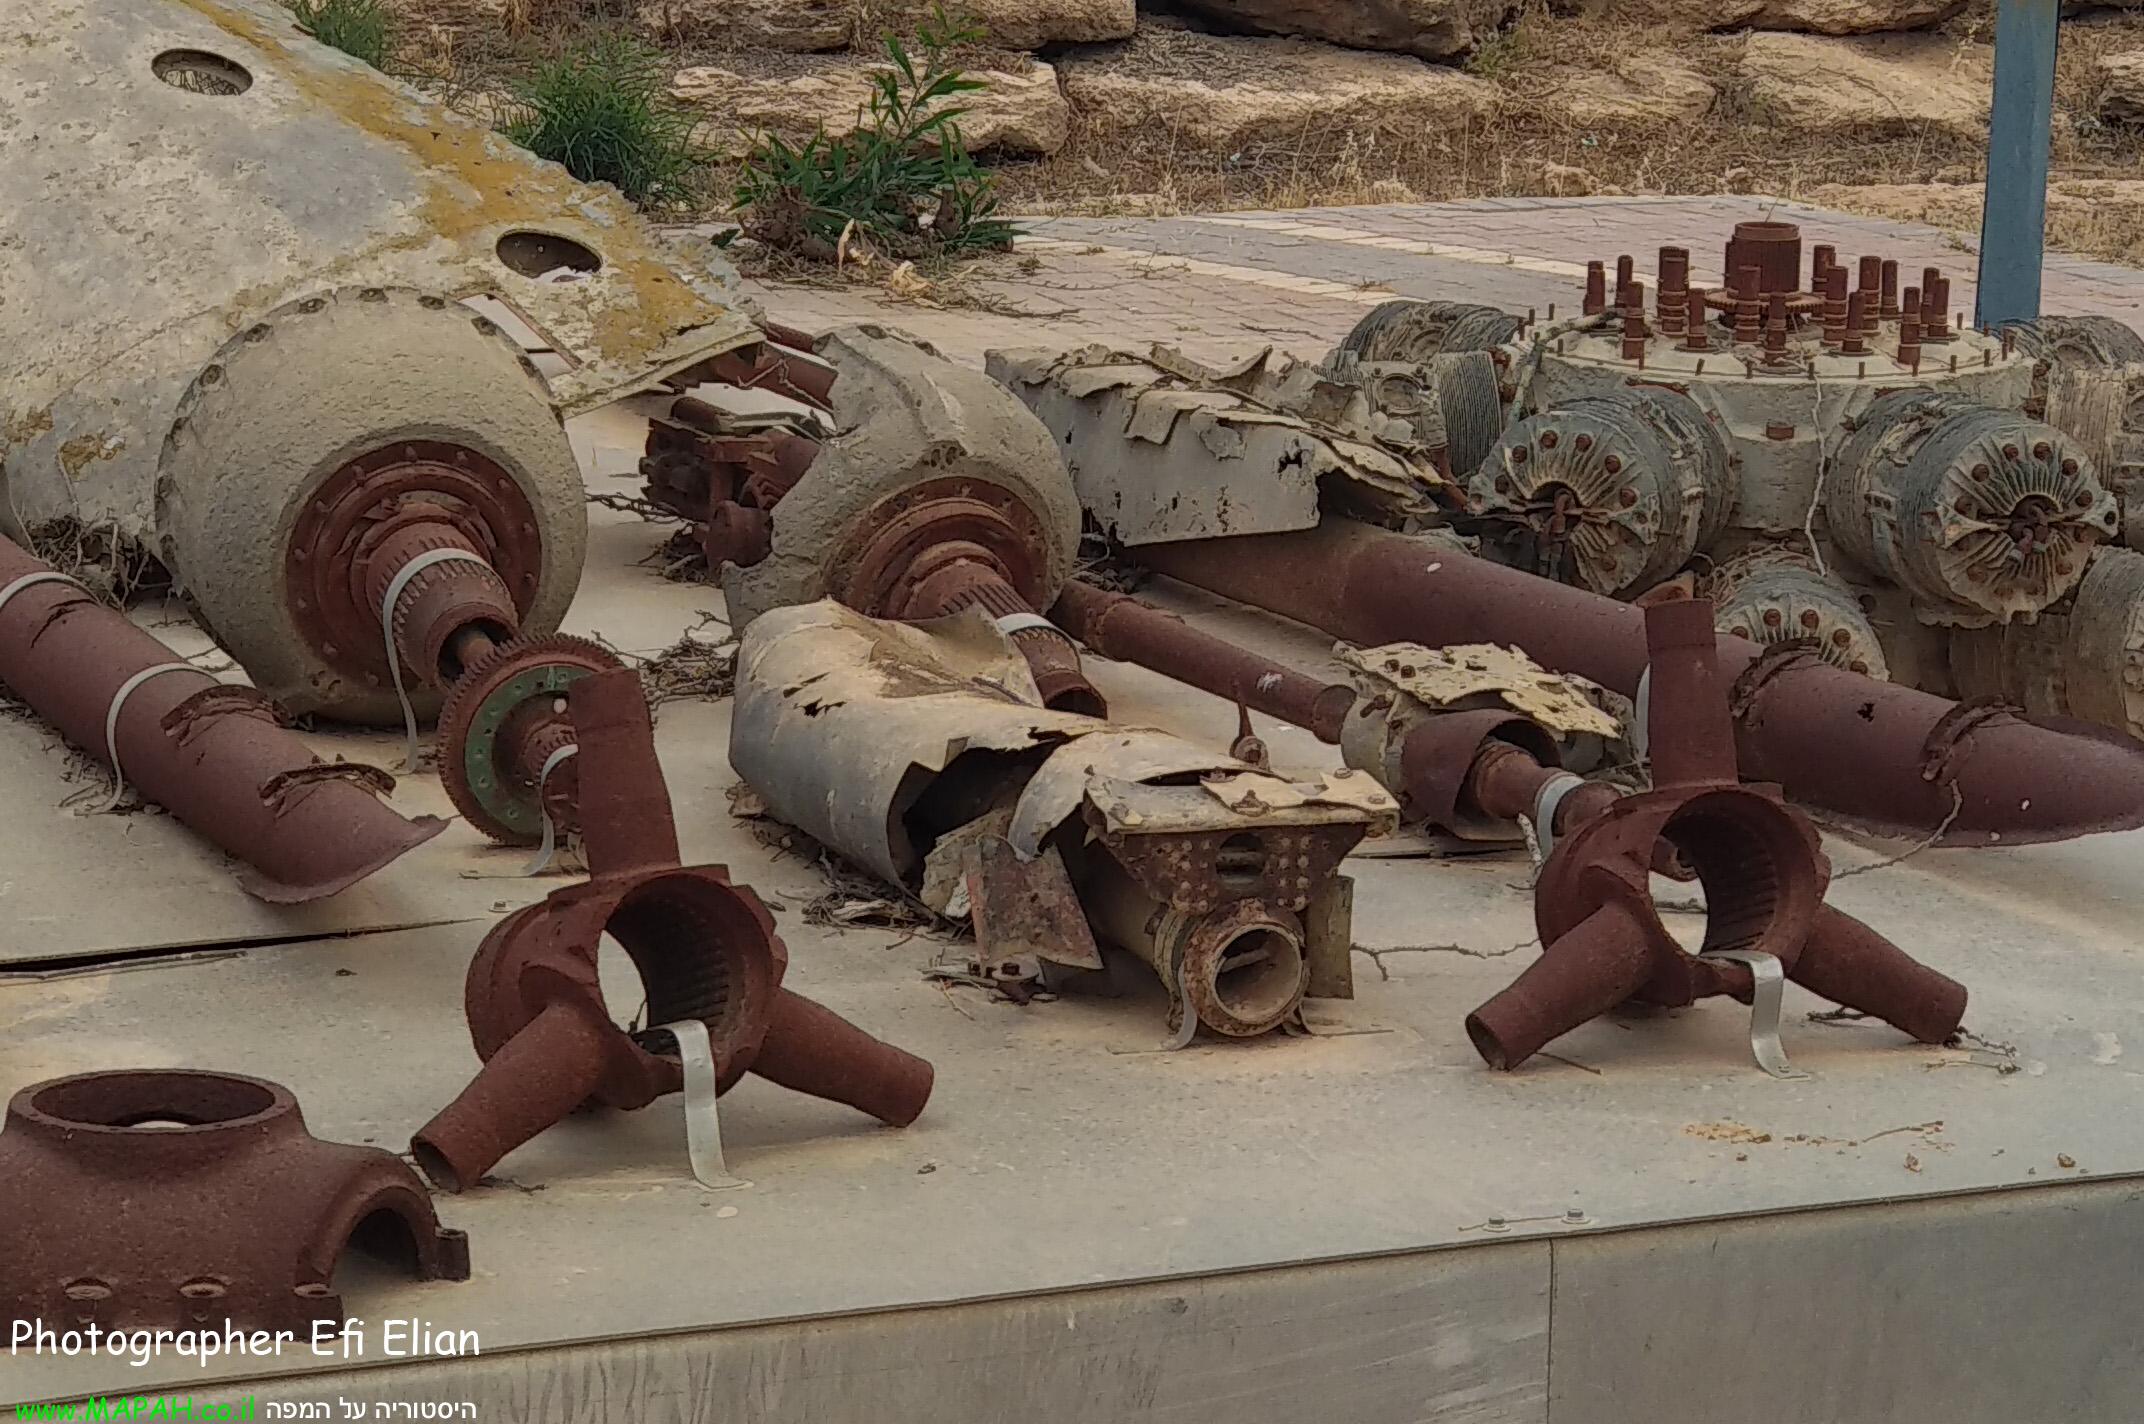 שרידי מטוס ד-171 בופייטר כפי שמוצגים כיום בחצרים צילום: אפי אליאן